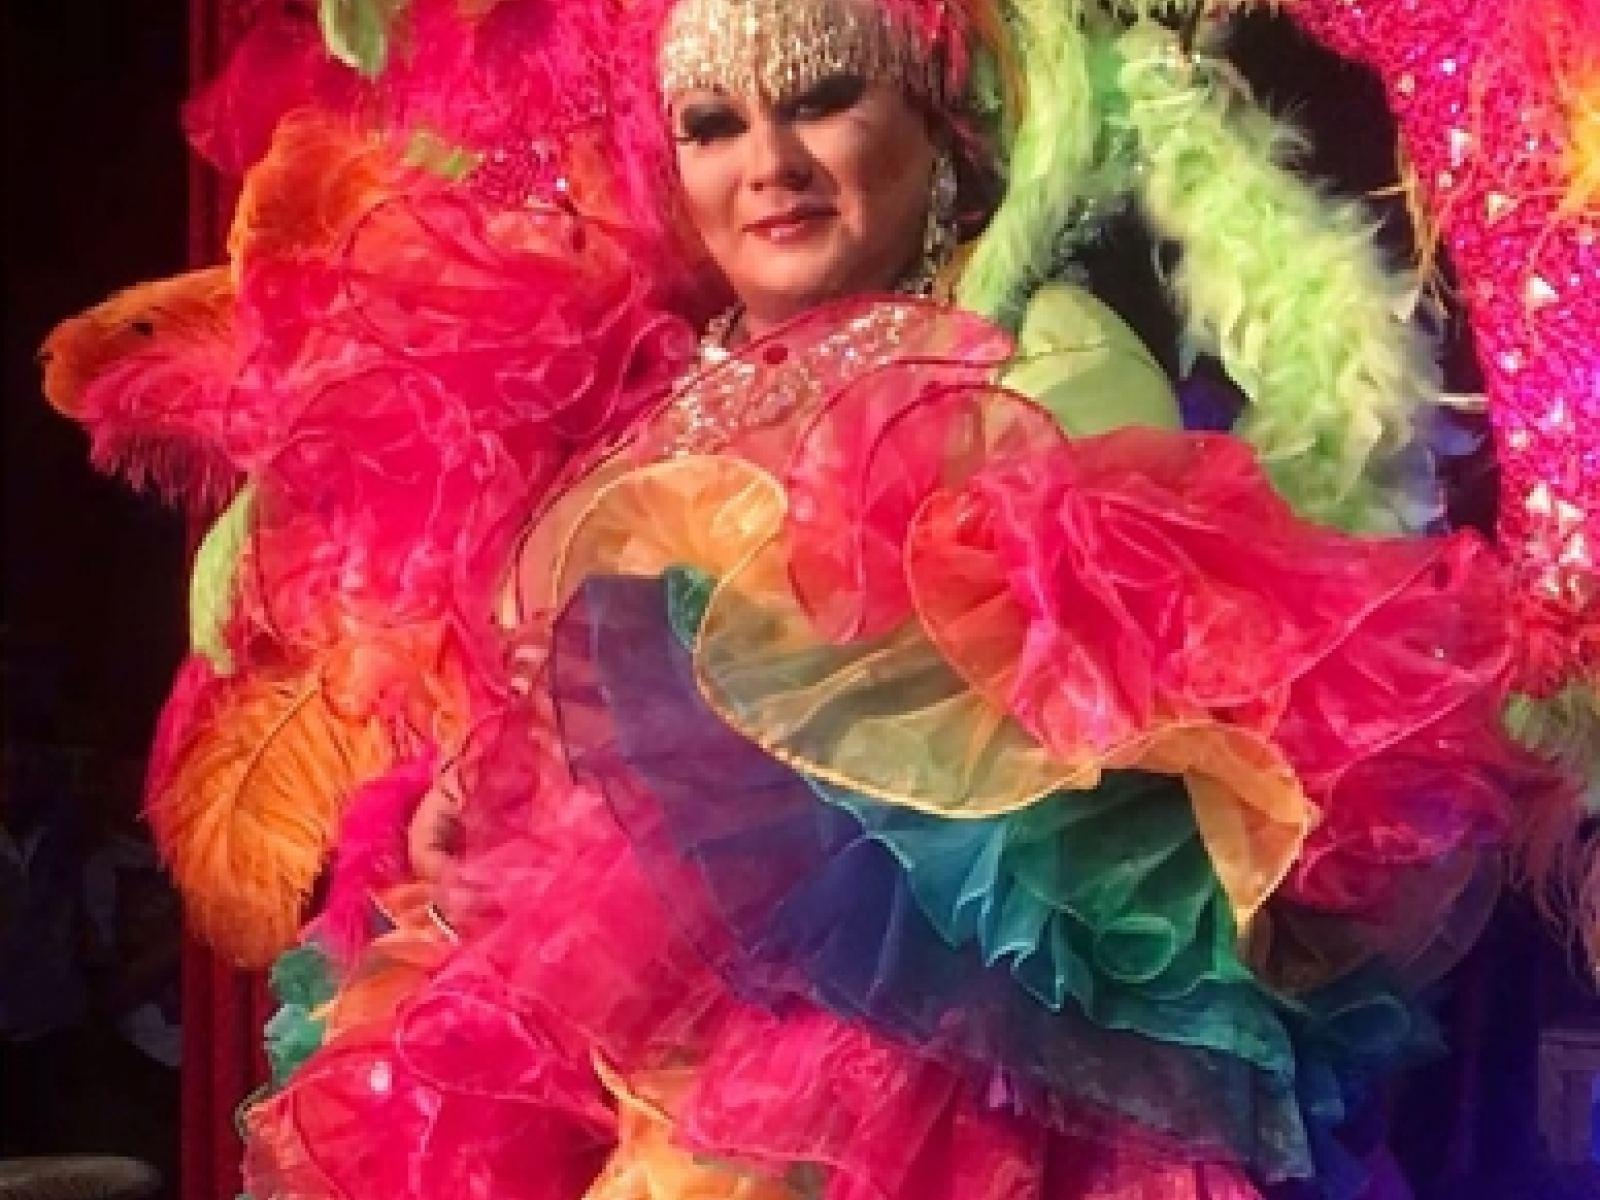 New-jalisco-bar-drag-queen